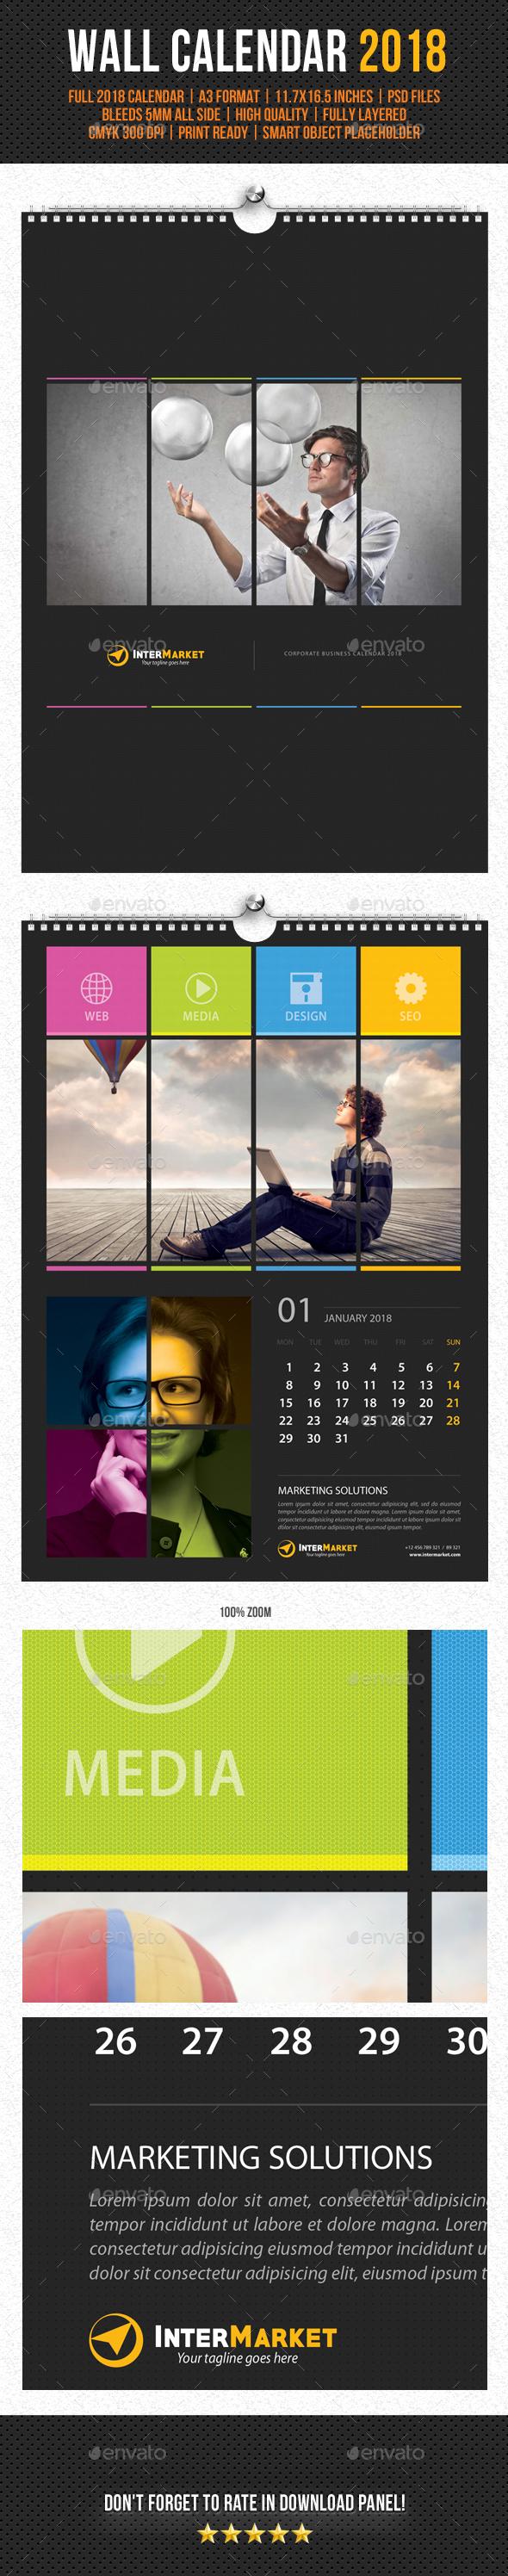 Corporate Wall Calendar 2018 V04 by rapidgraf | GraphicRiver